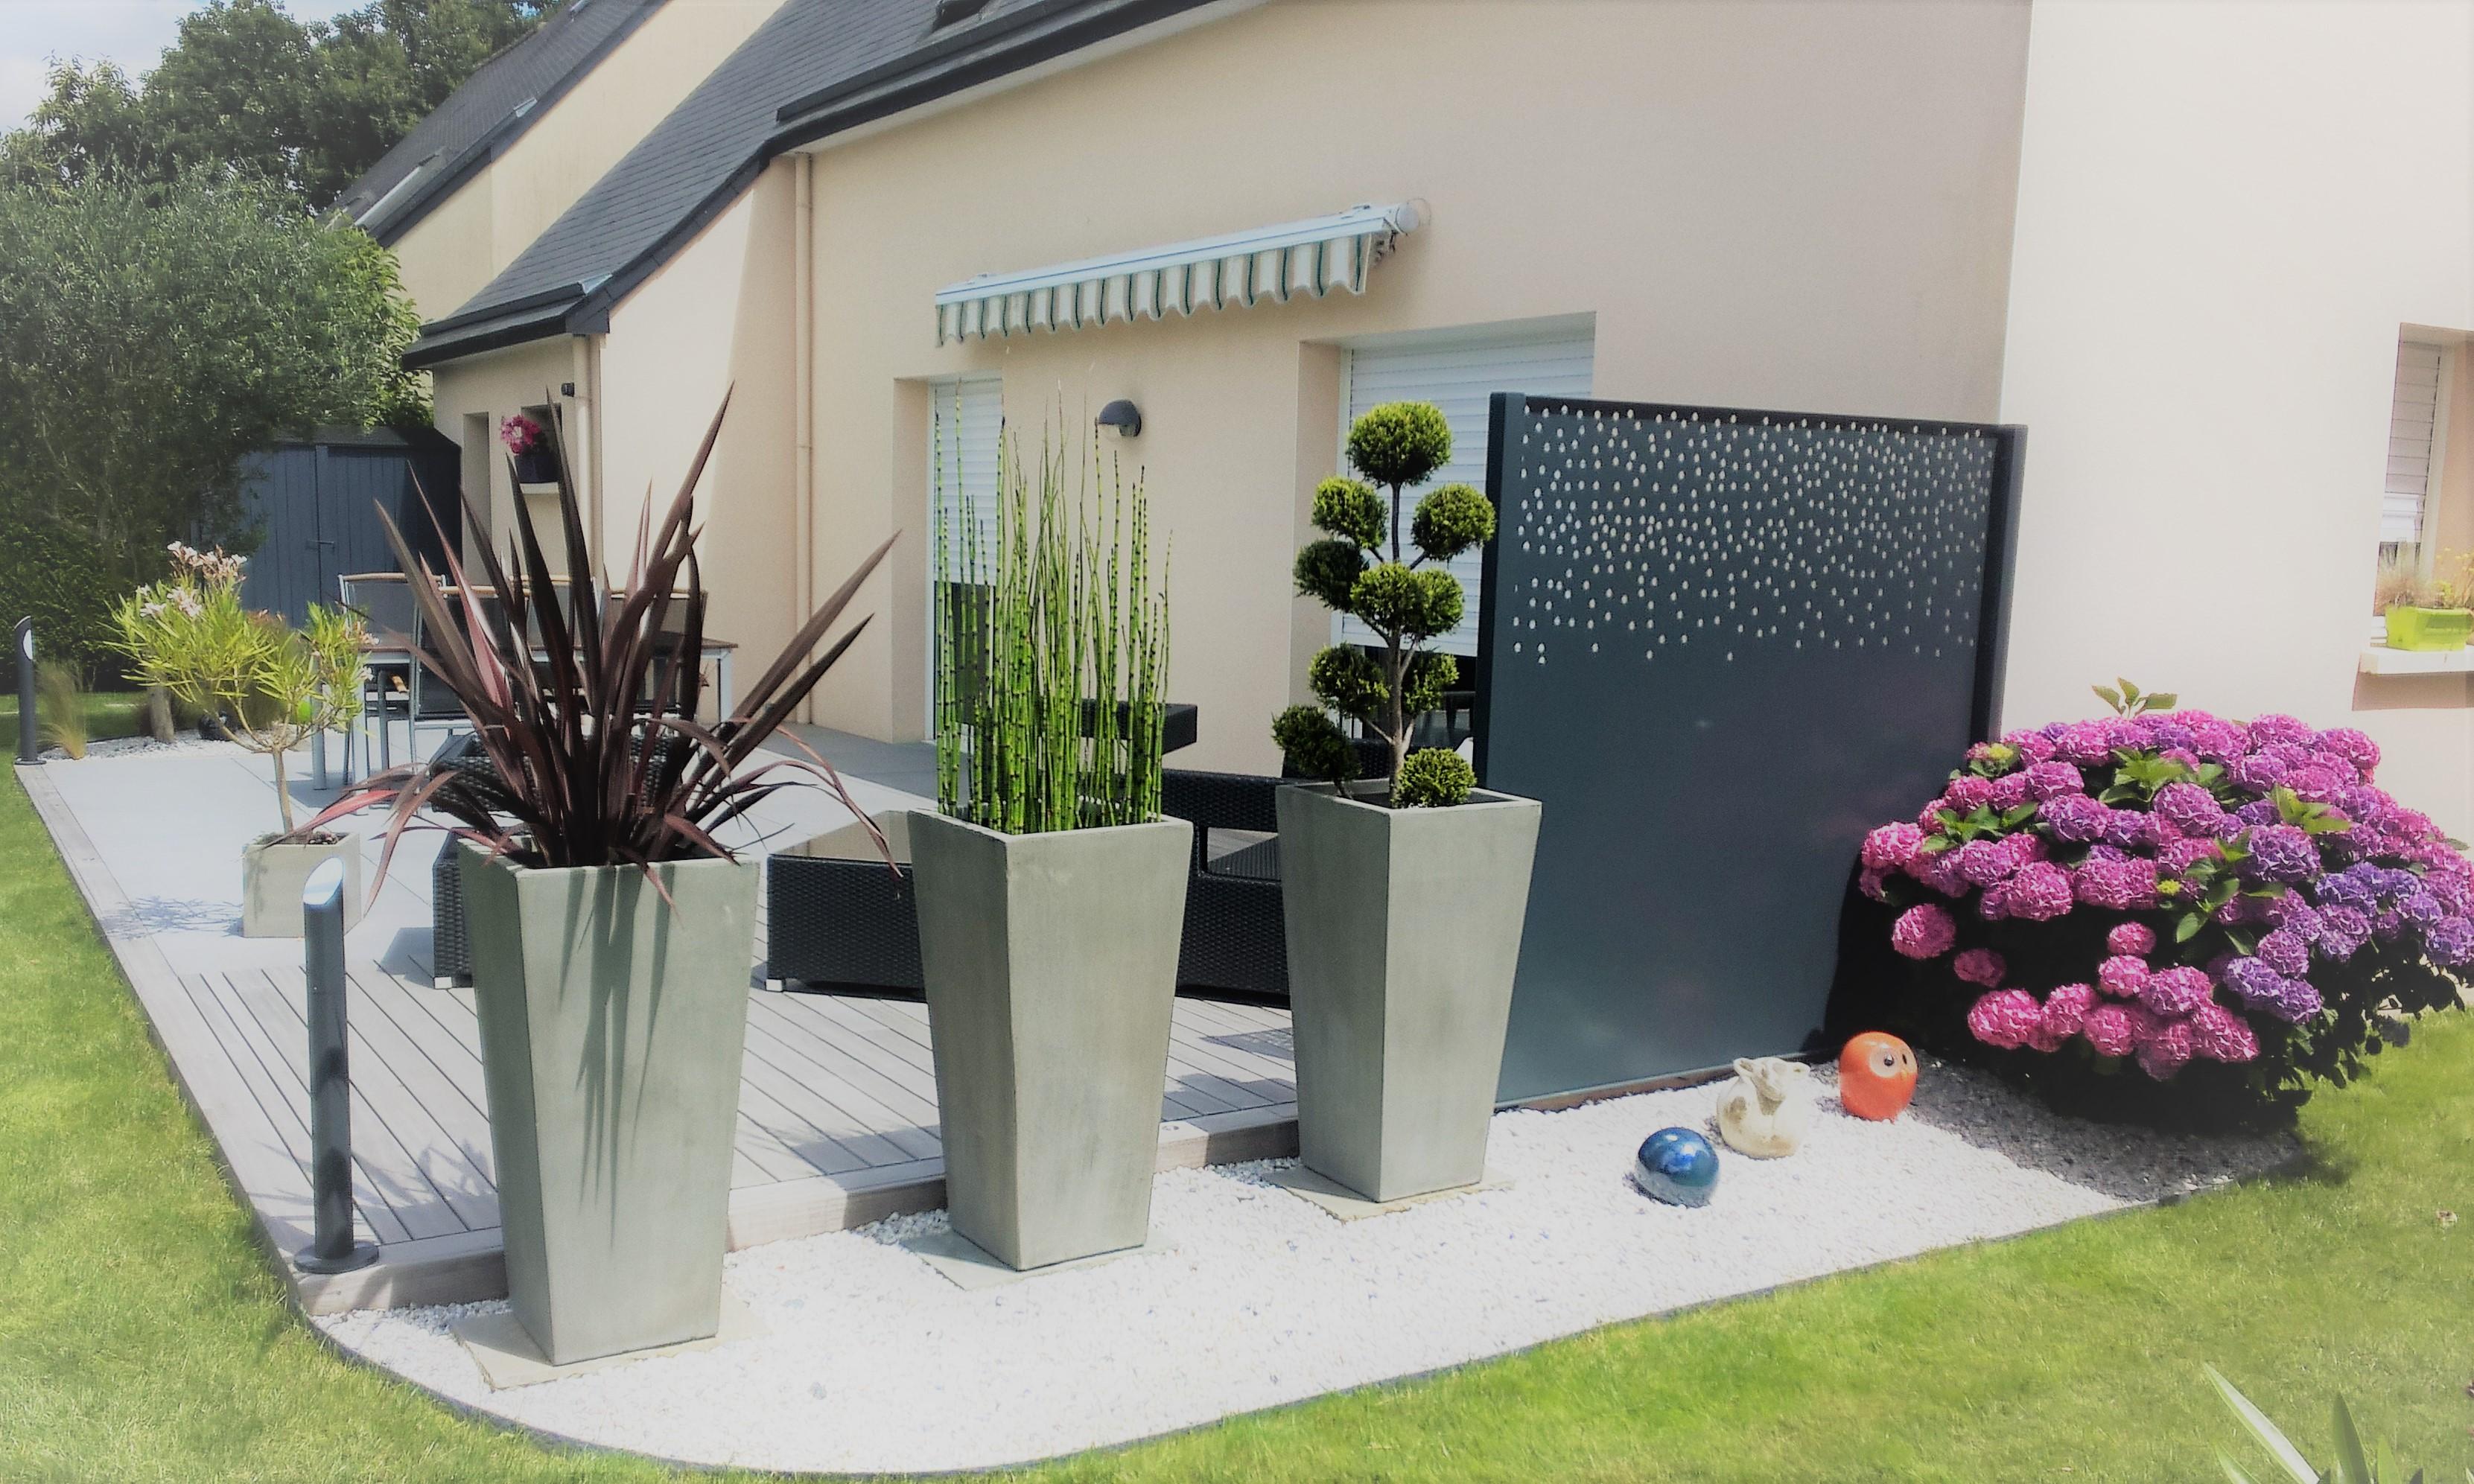 Terracity I Paysagiste I Amenagement I Jardin I Terrasse I ...